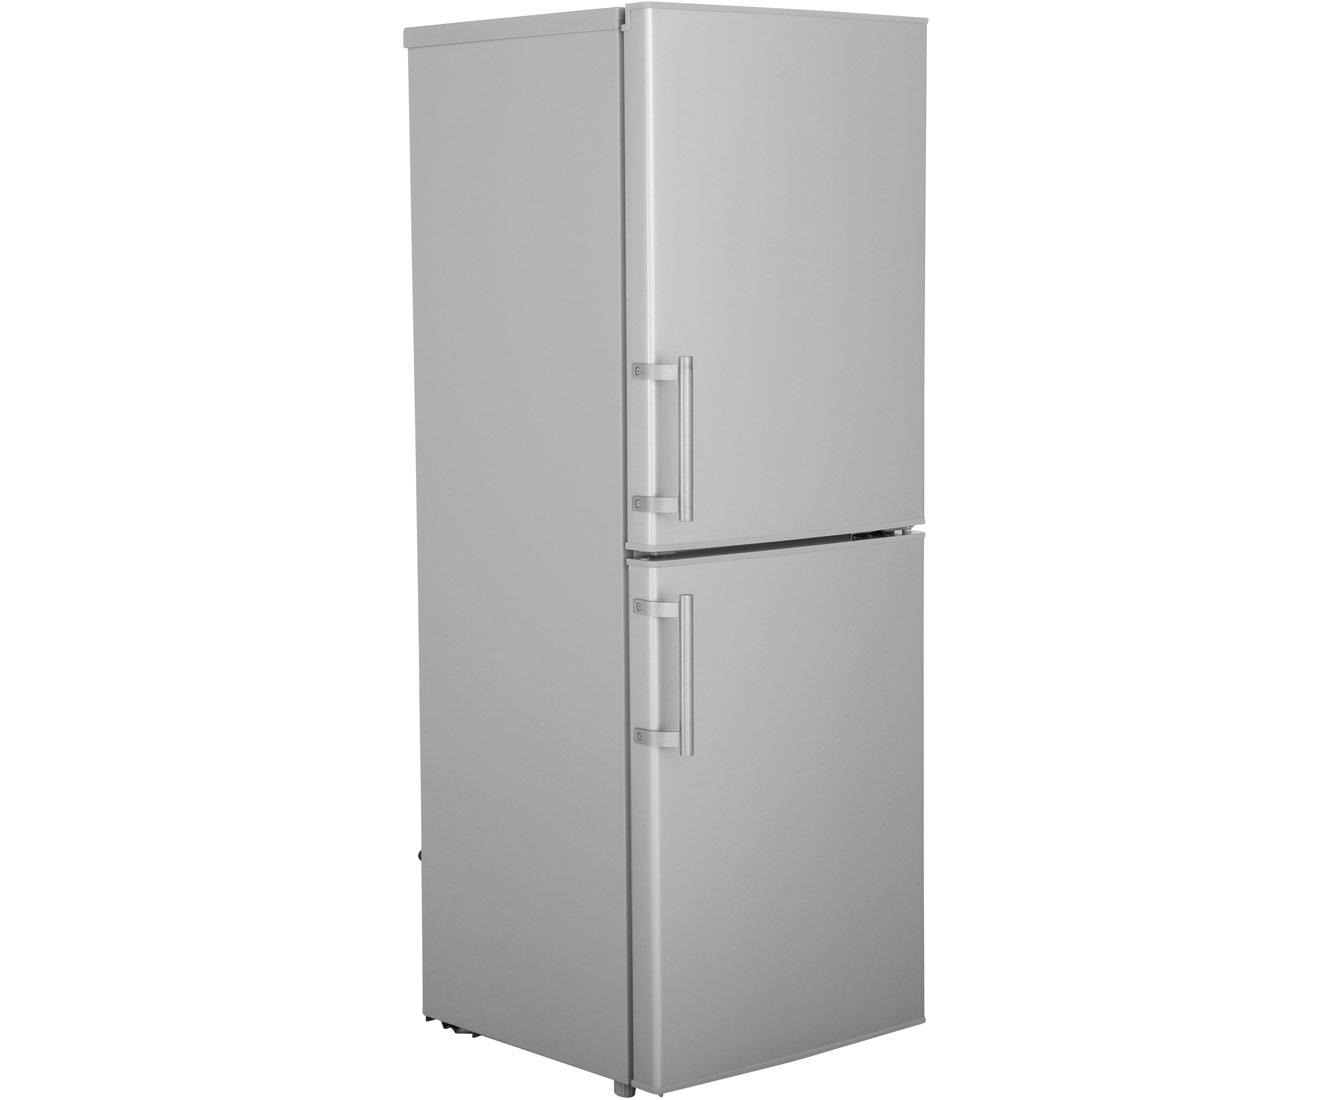 Bild zu Kühl-Gefrierkombination Exquisit KGC 232/60-4 (A++) für 255€ (Vergleich: 285,45€)